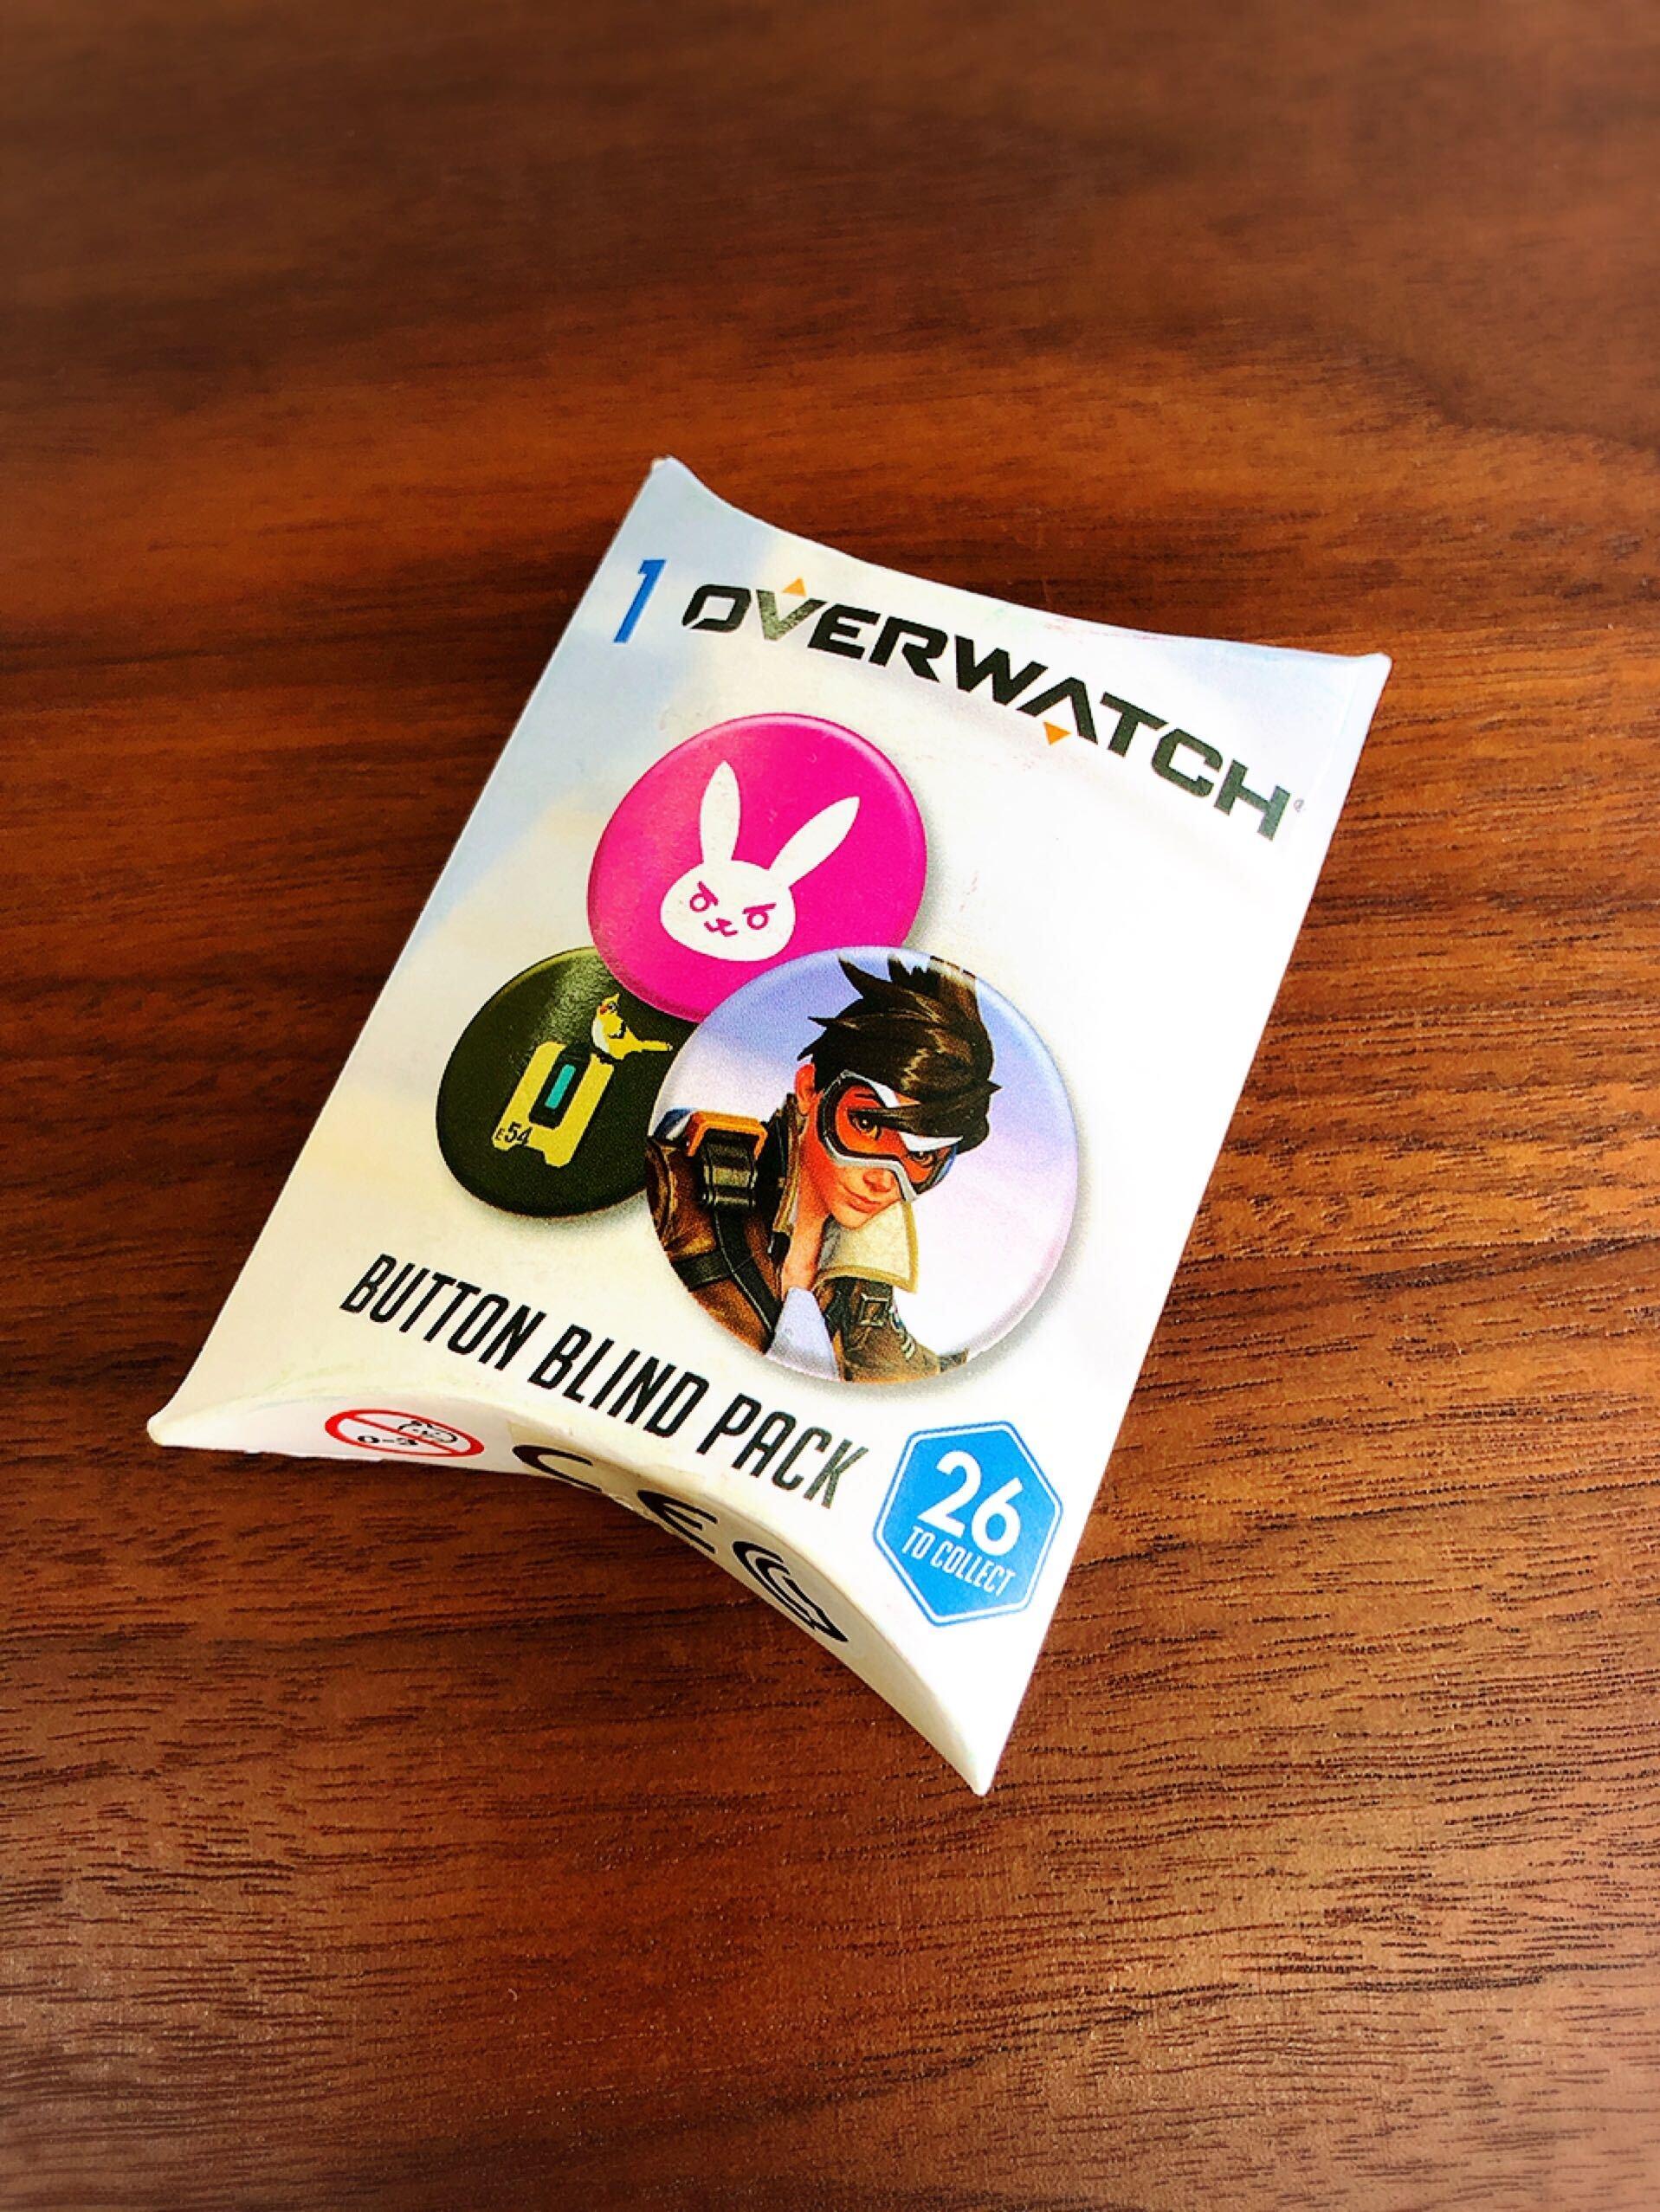 OWブラインド缶バッジ(3個入) オーバーウォッチ  / インフォレンズ